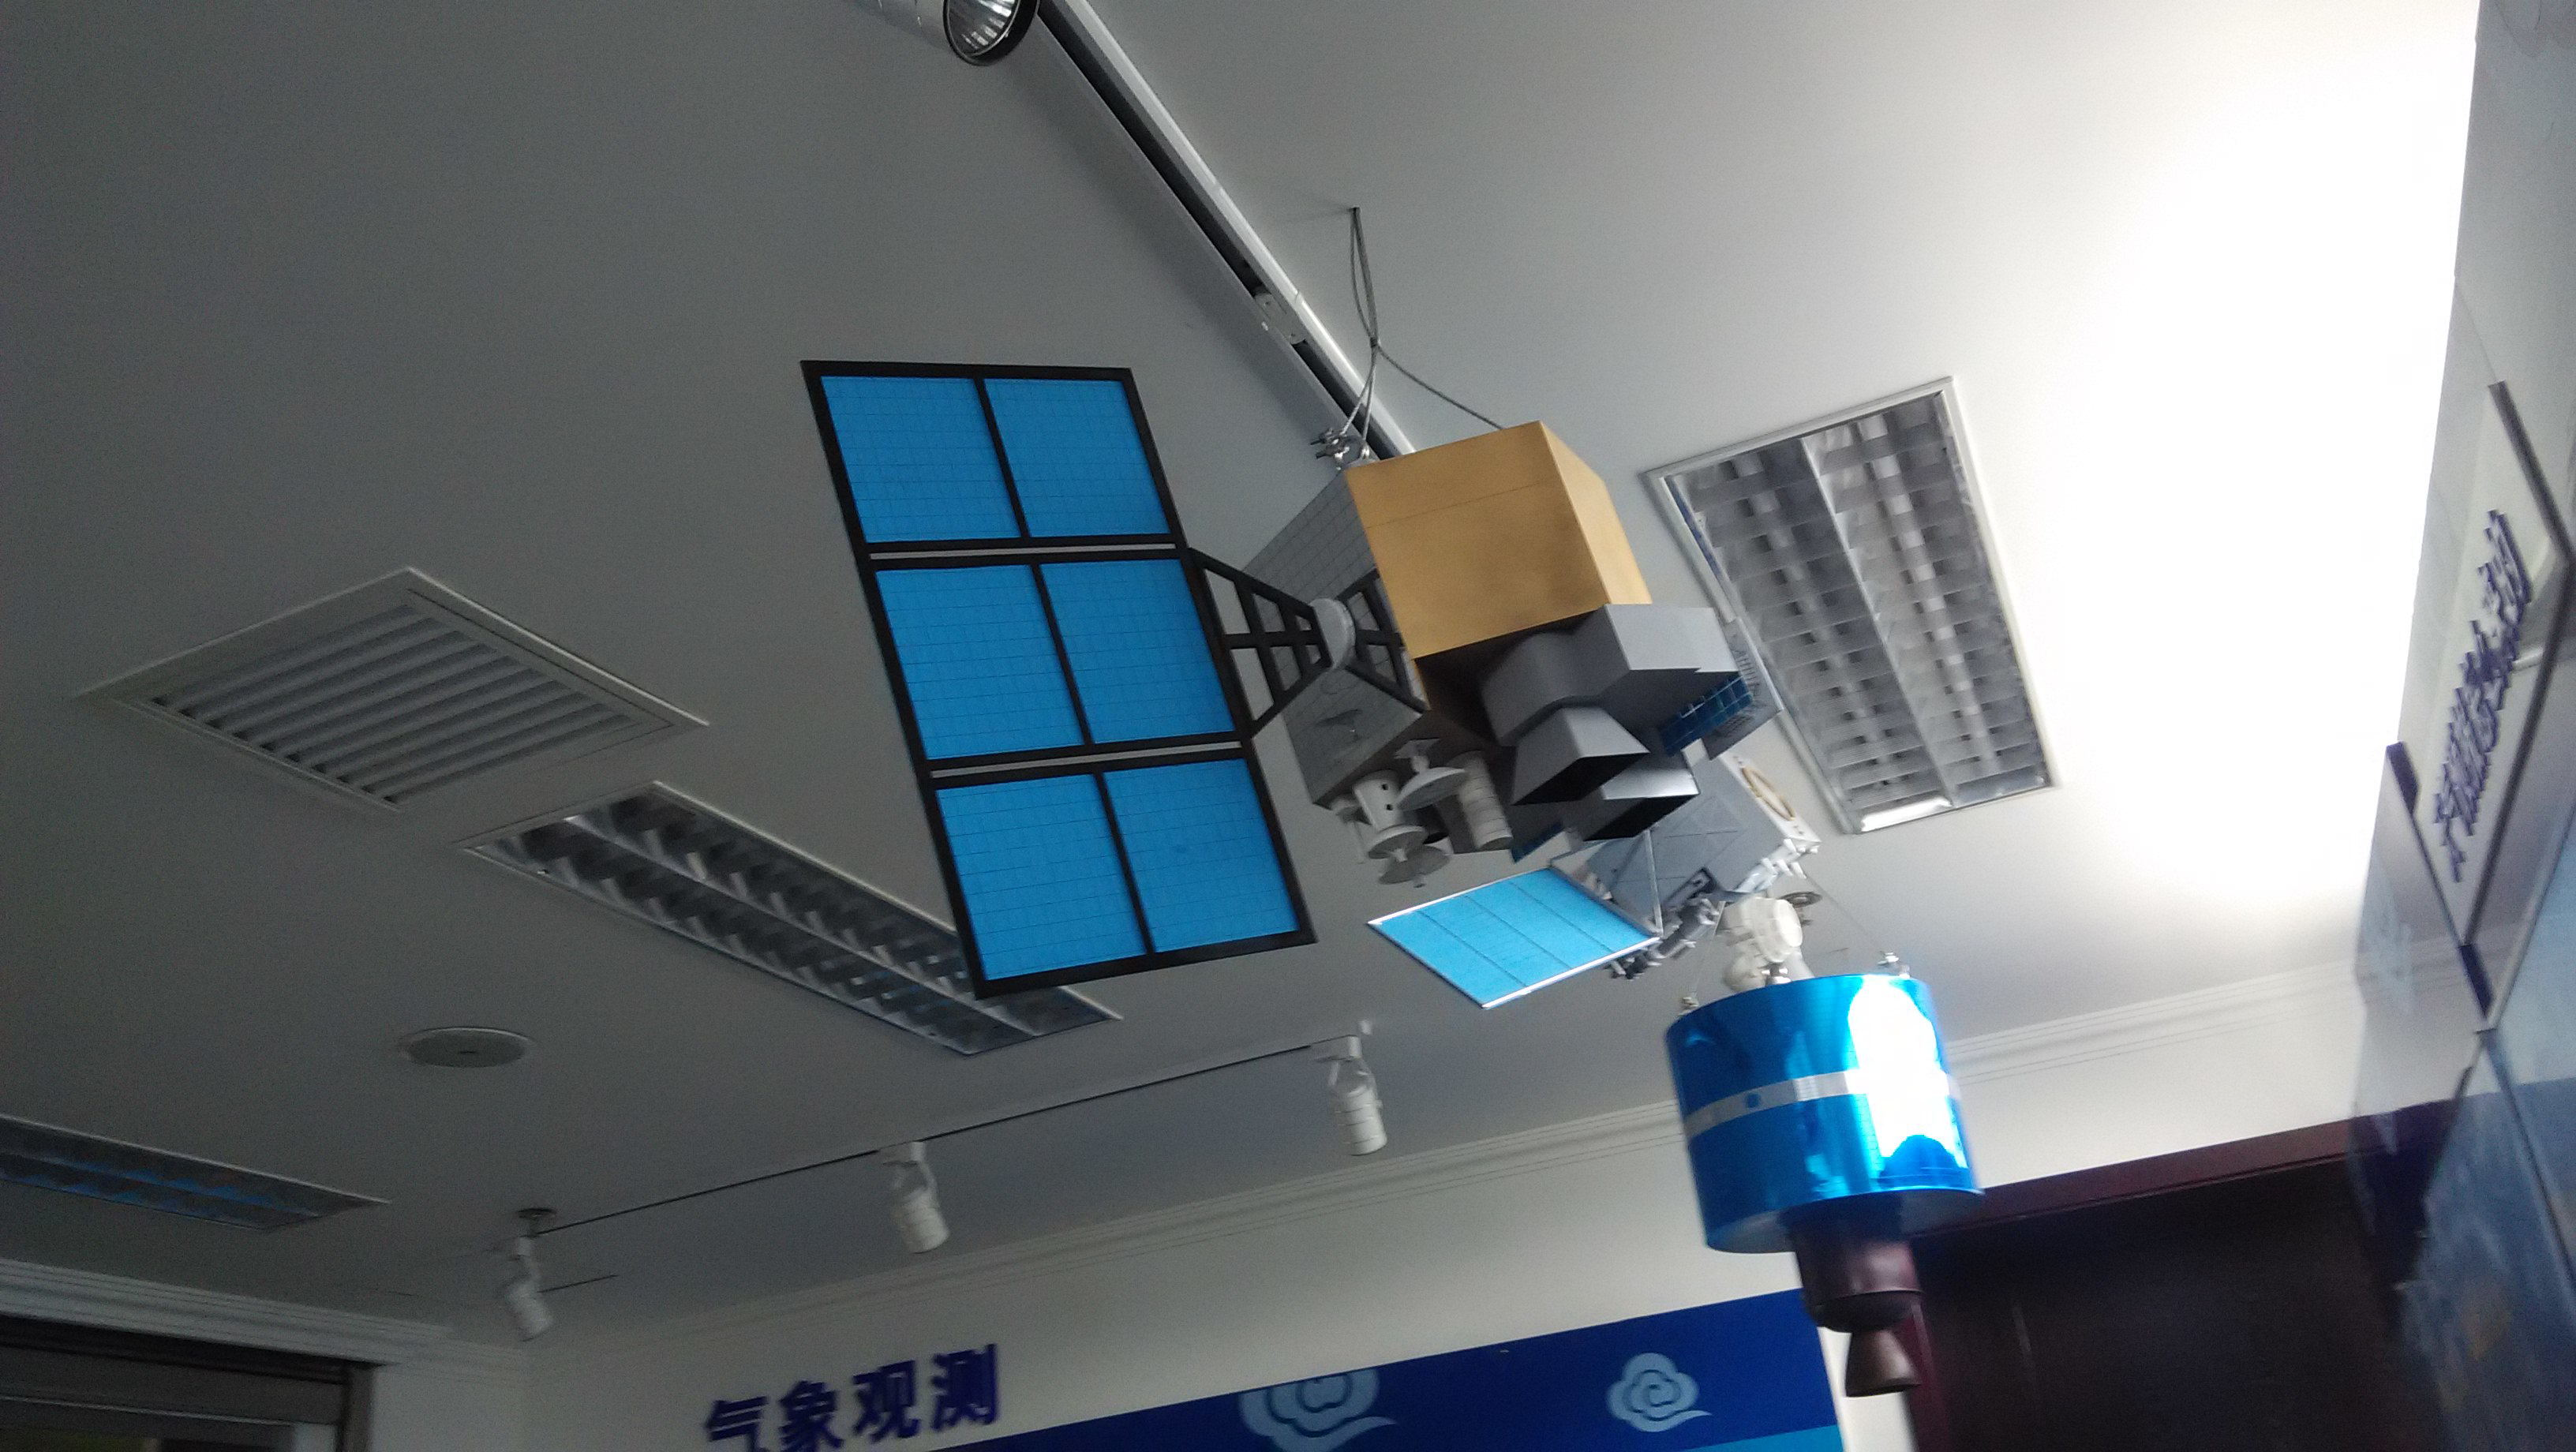 卫星模型制作  材质 铁 类别 几何形状 摆挂形式 摆饰 工艺 半手工半图片